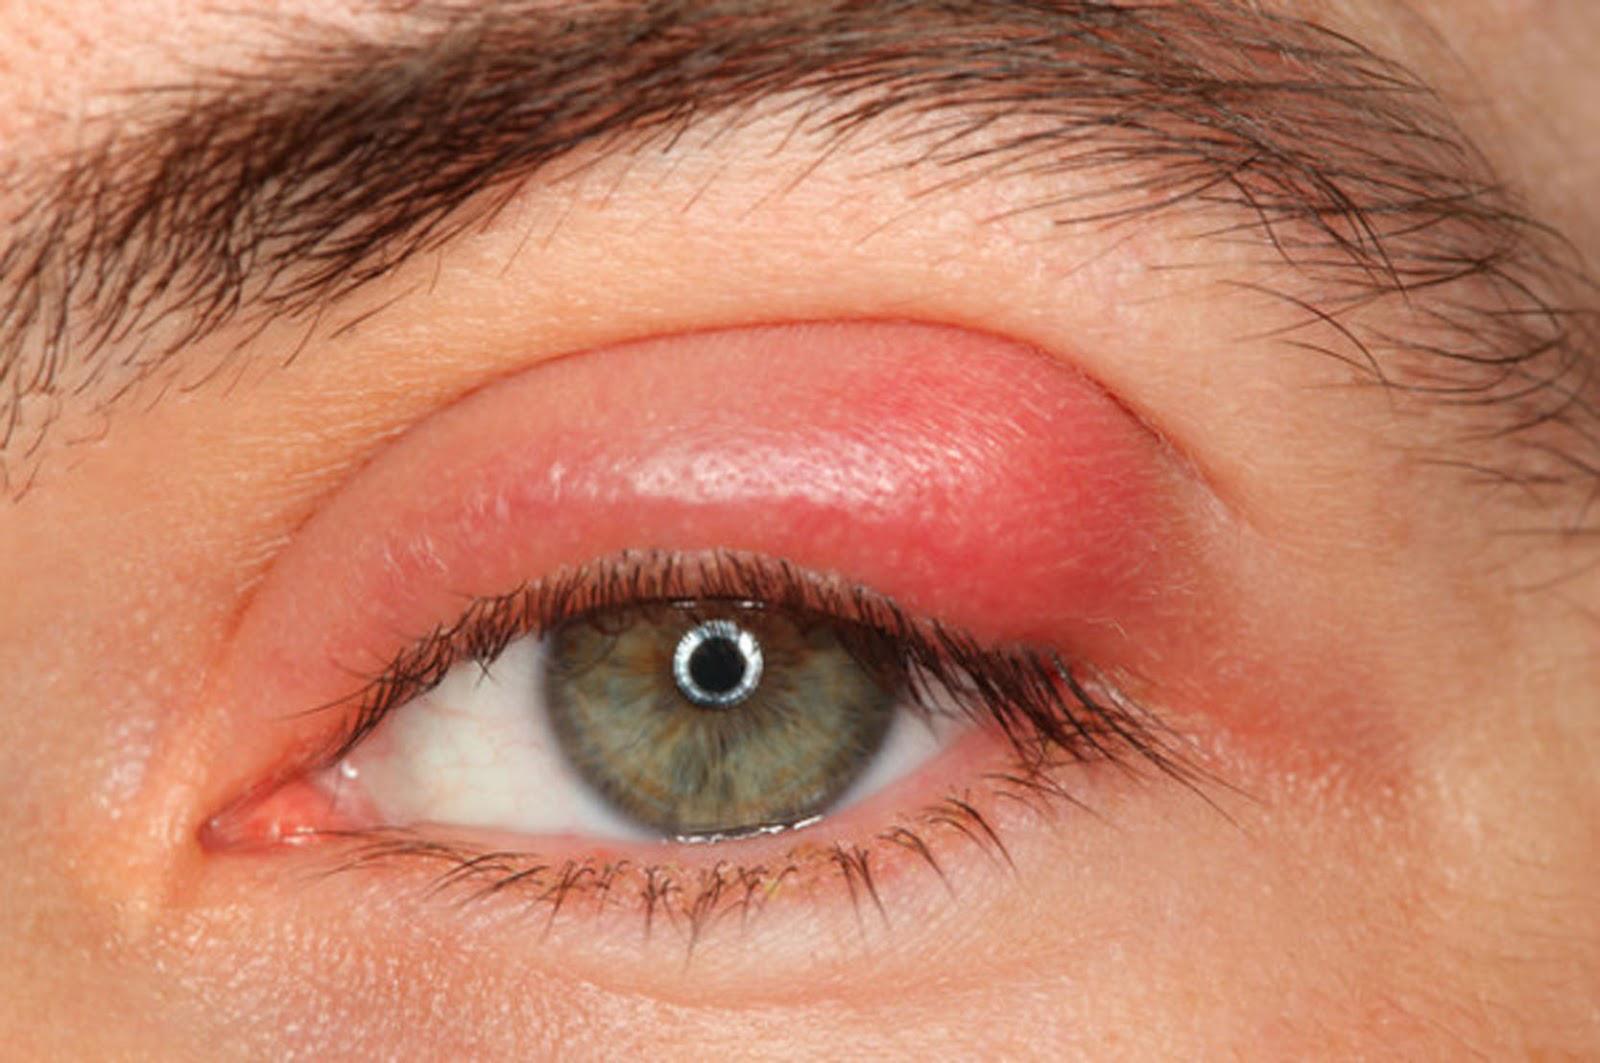 Viszket a szemem, koronavírusos vagyok? - SZERETEMASZEMEM